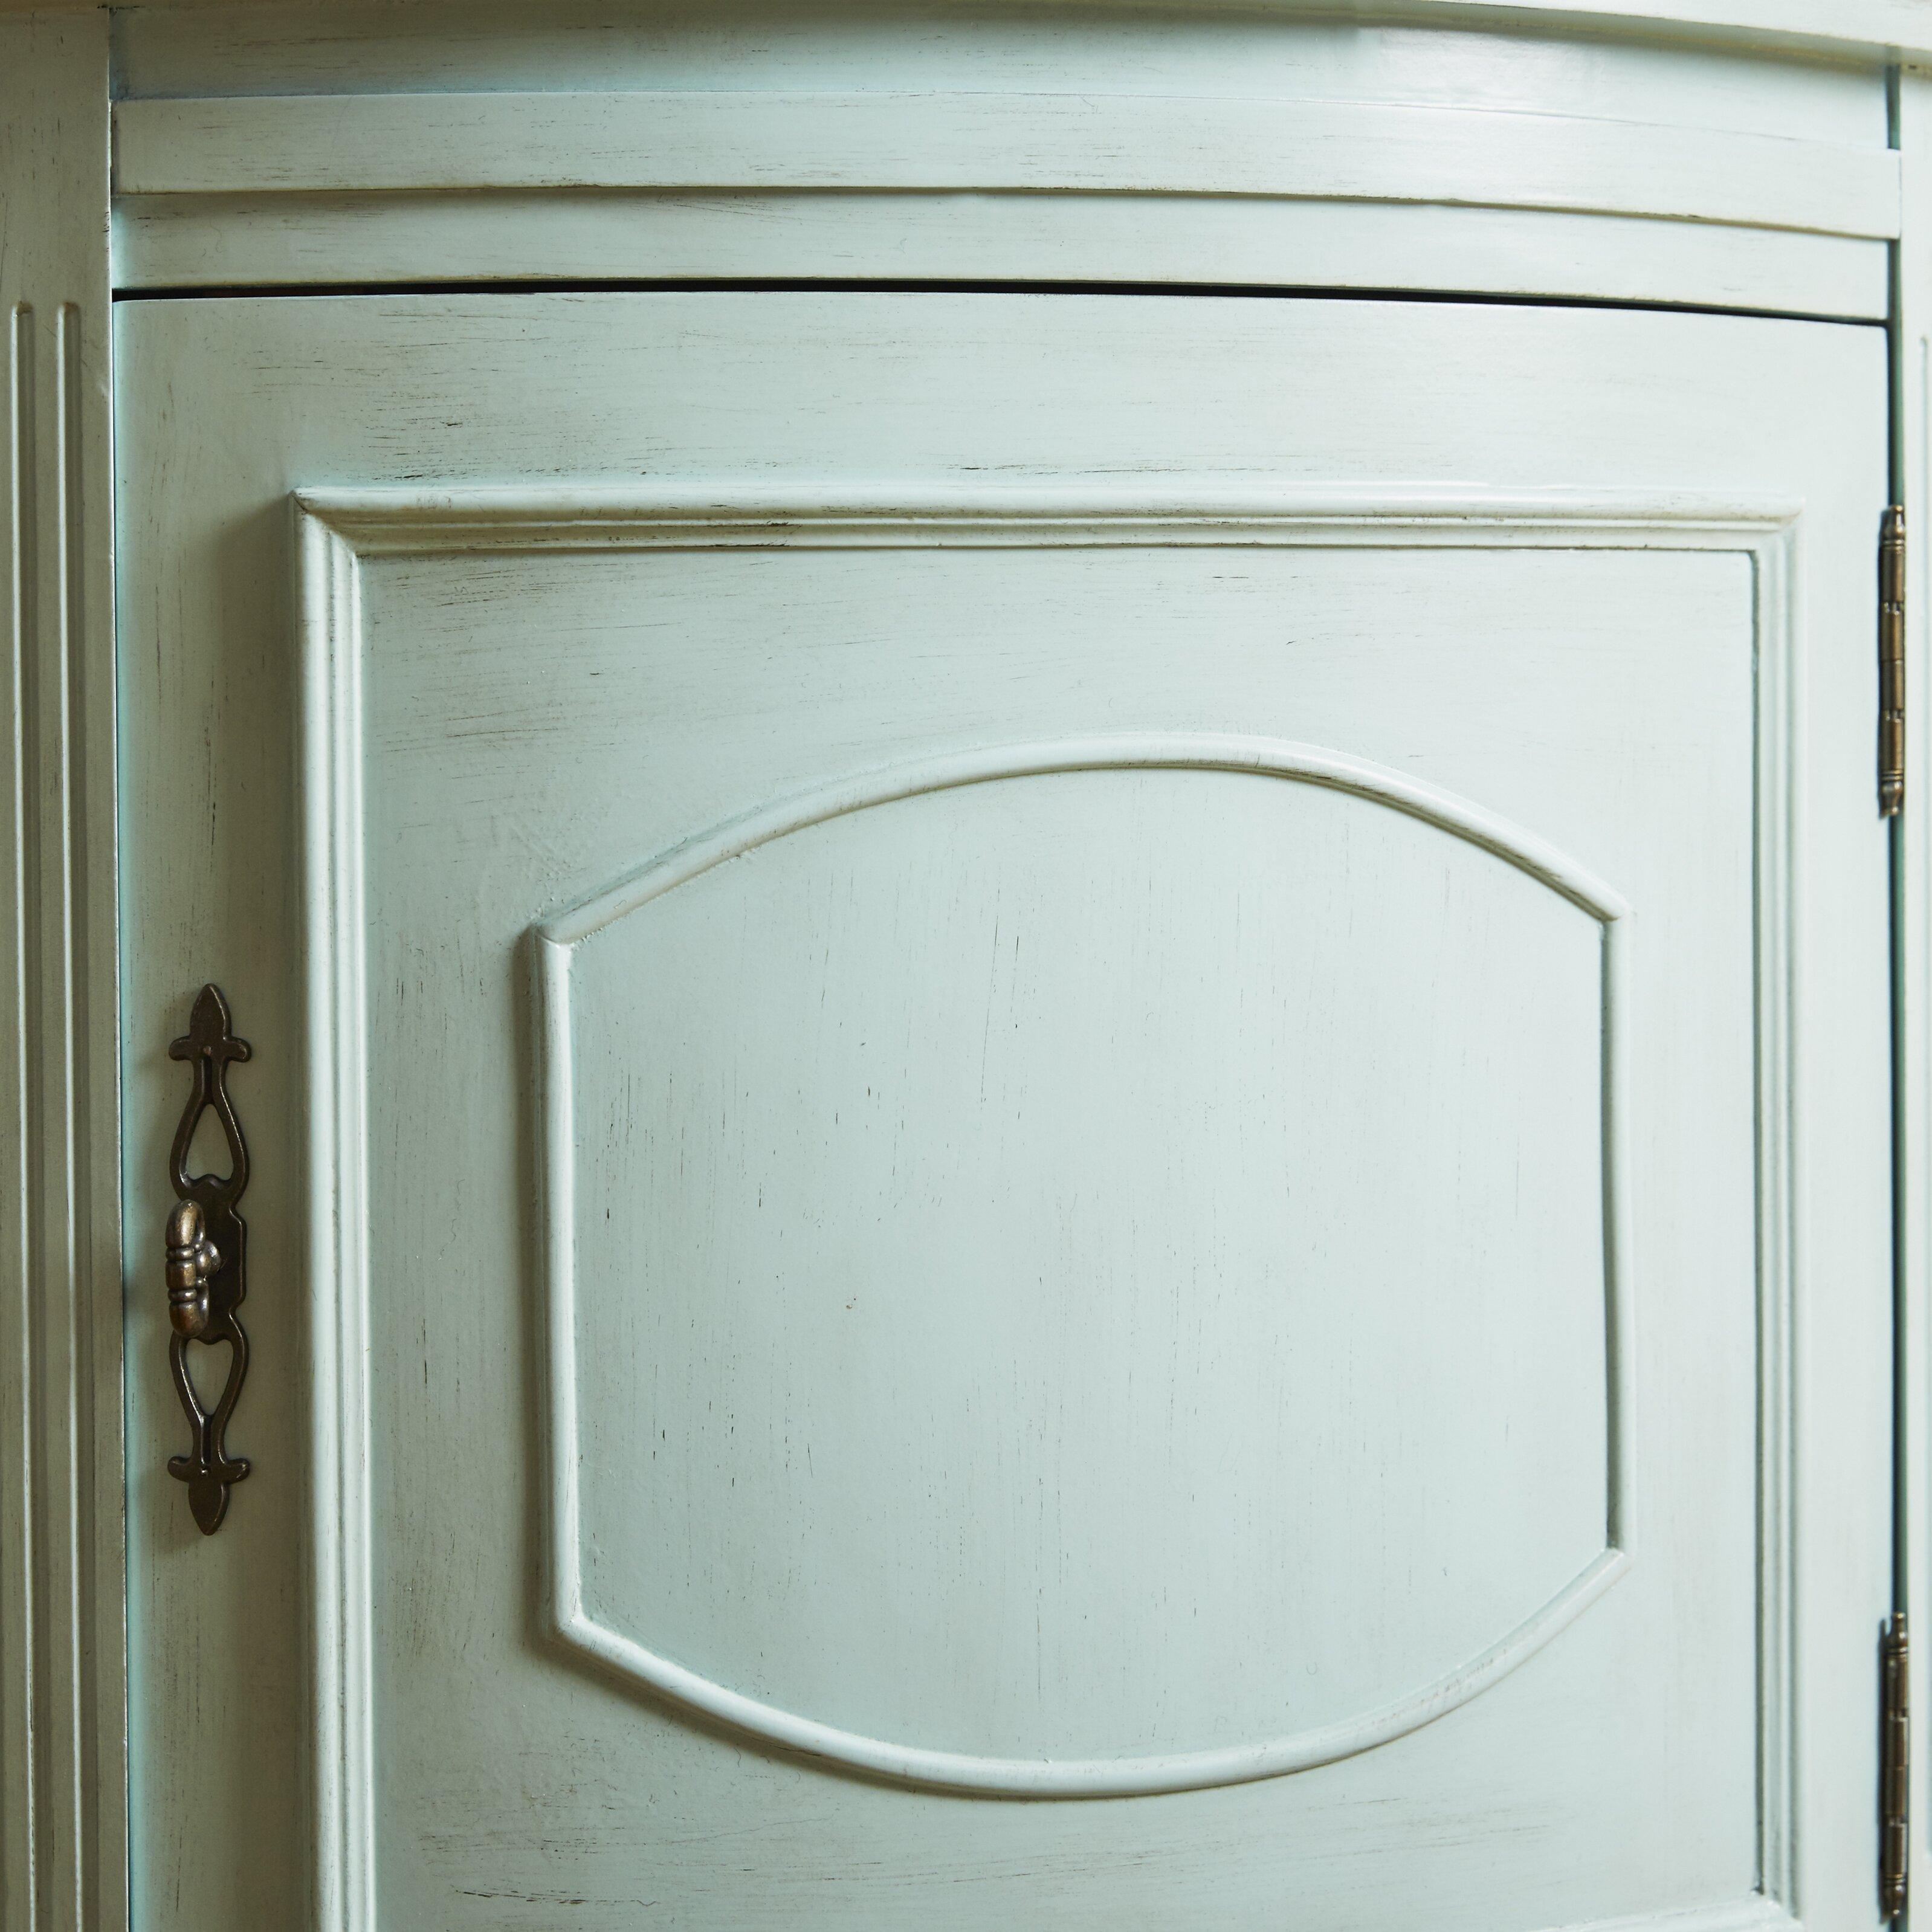 stein world tucci 1 door cabinet reviews wayfair cabinet doo